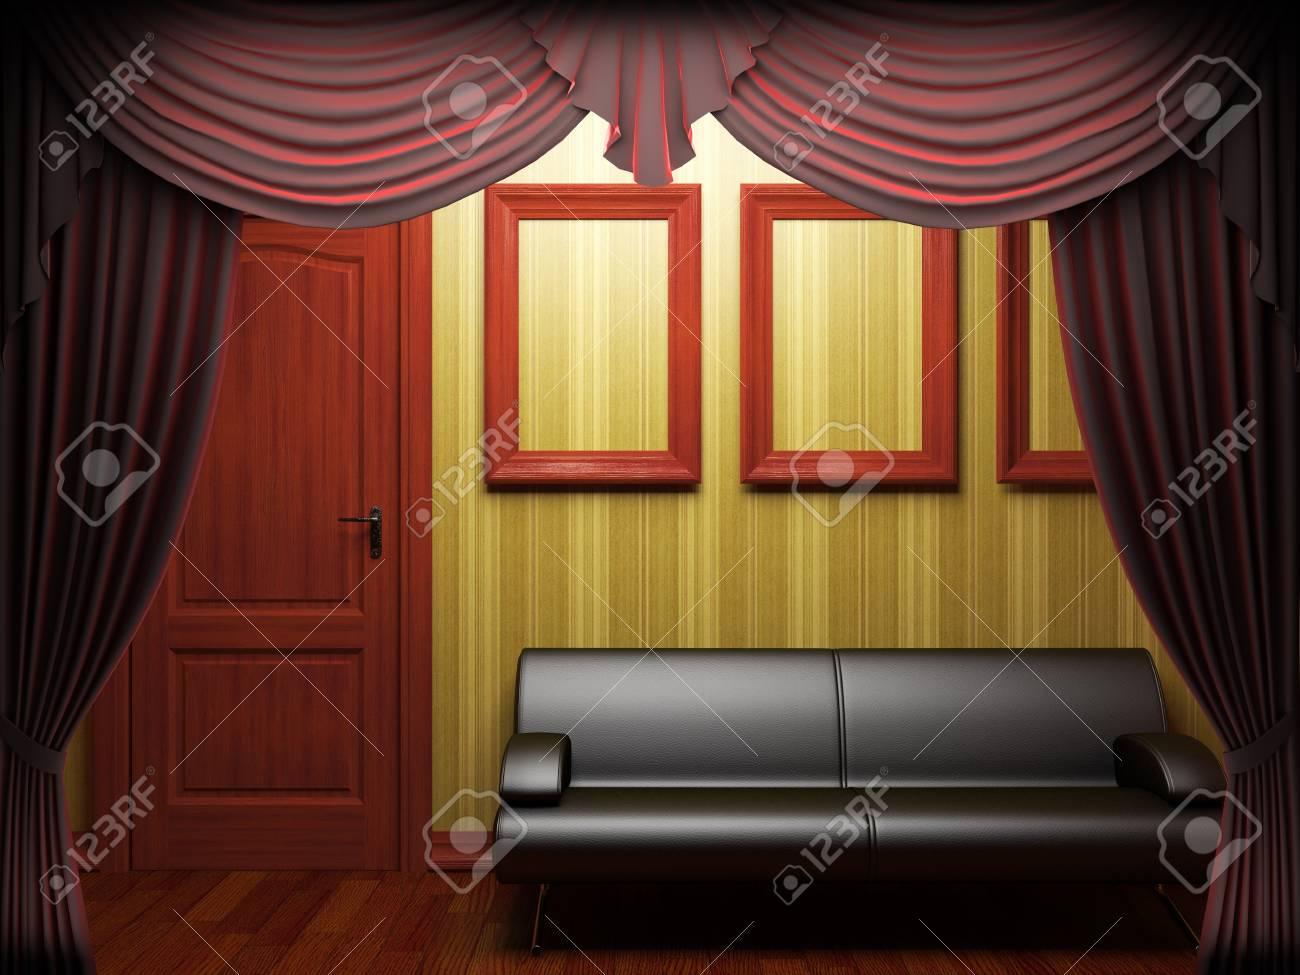 1060e998f Red velvet curtain opening scene made in 3d Stock Photo - 9358335